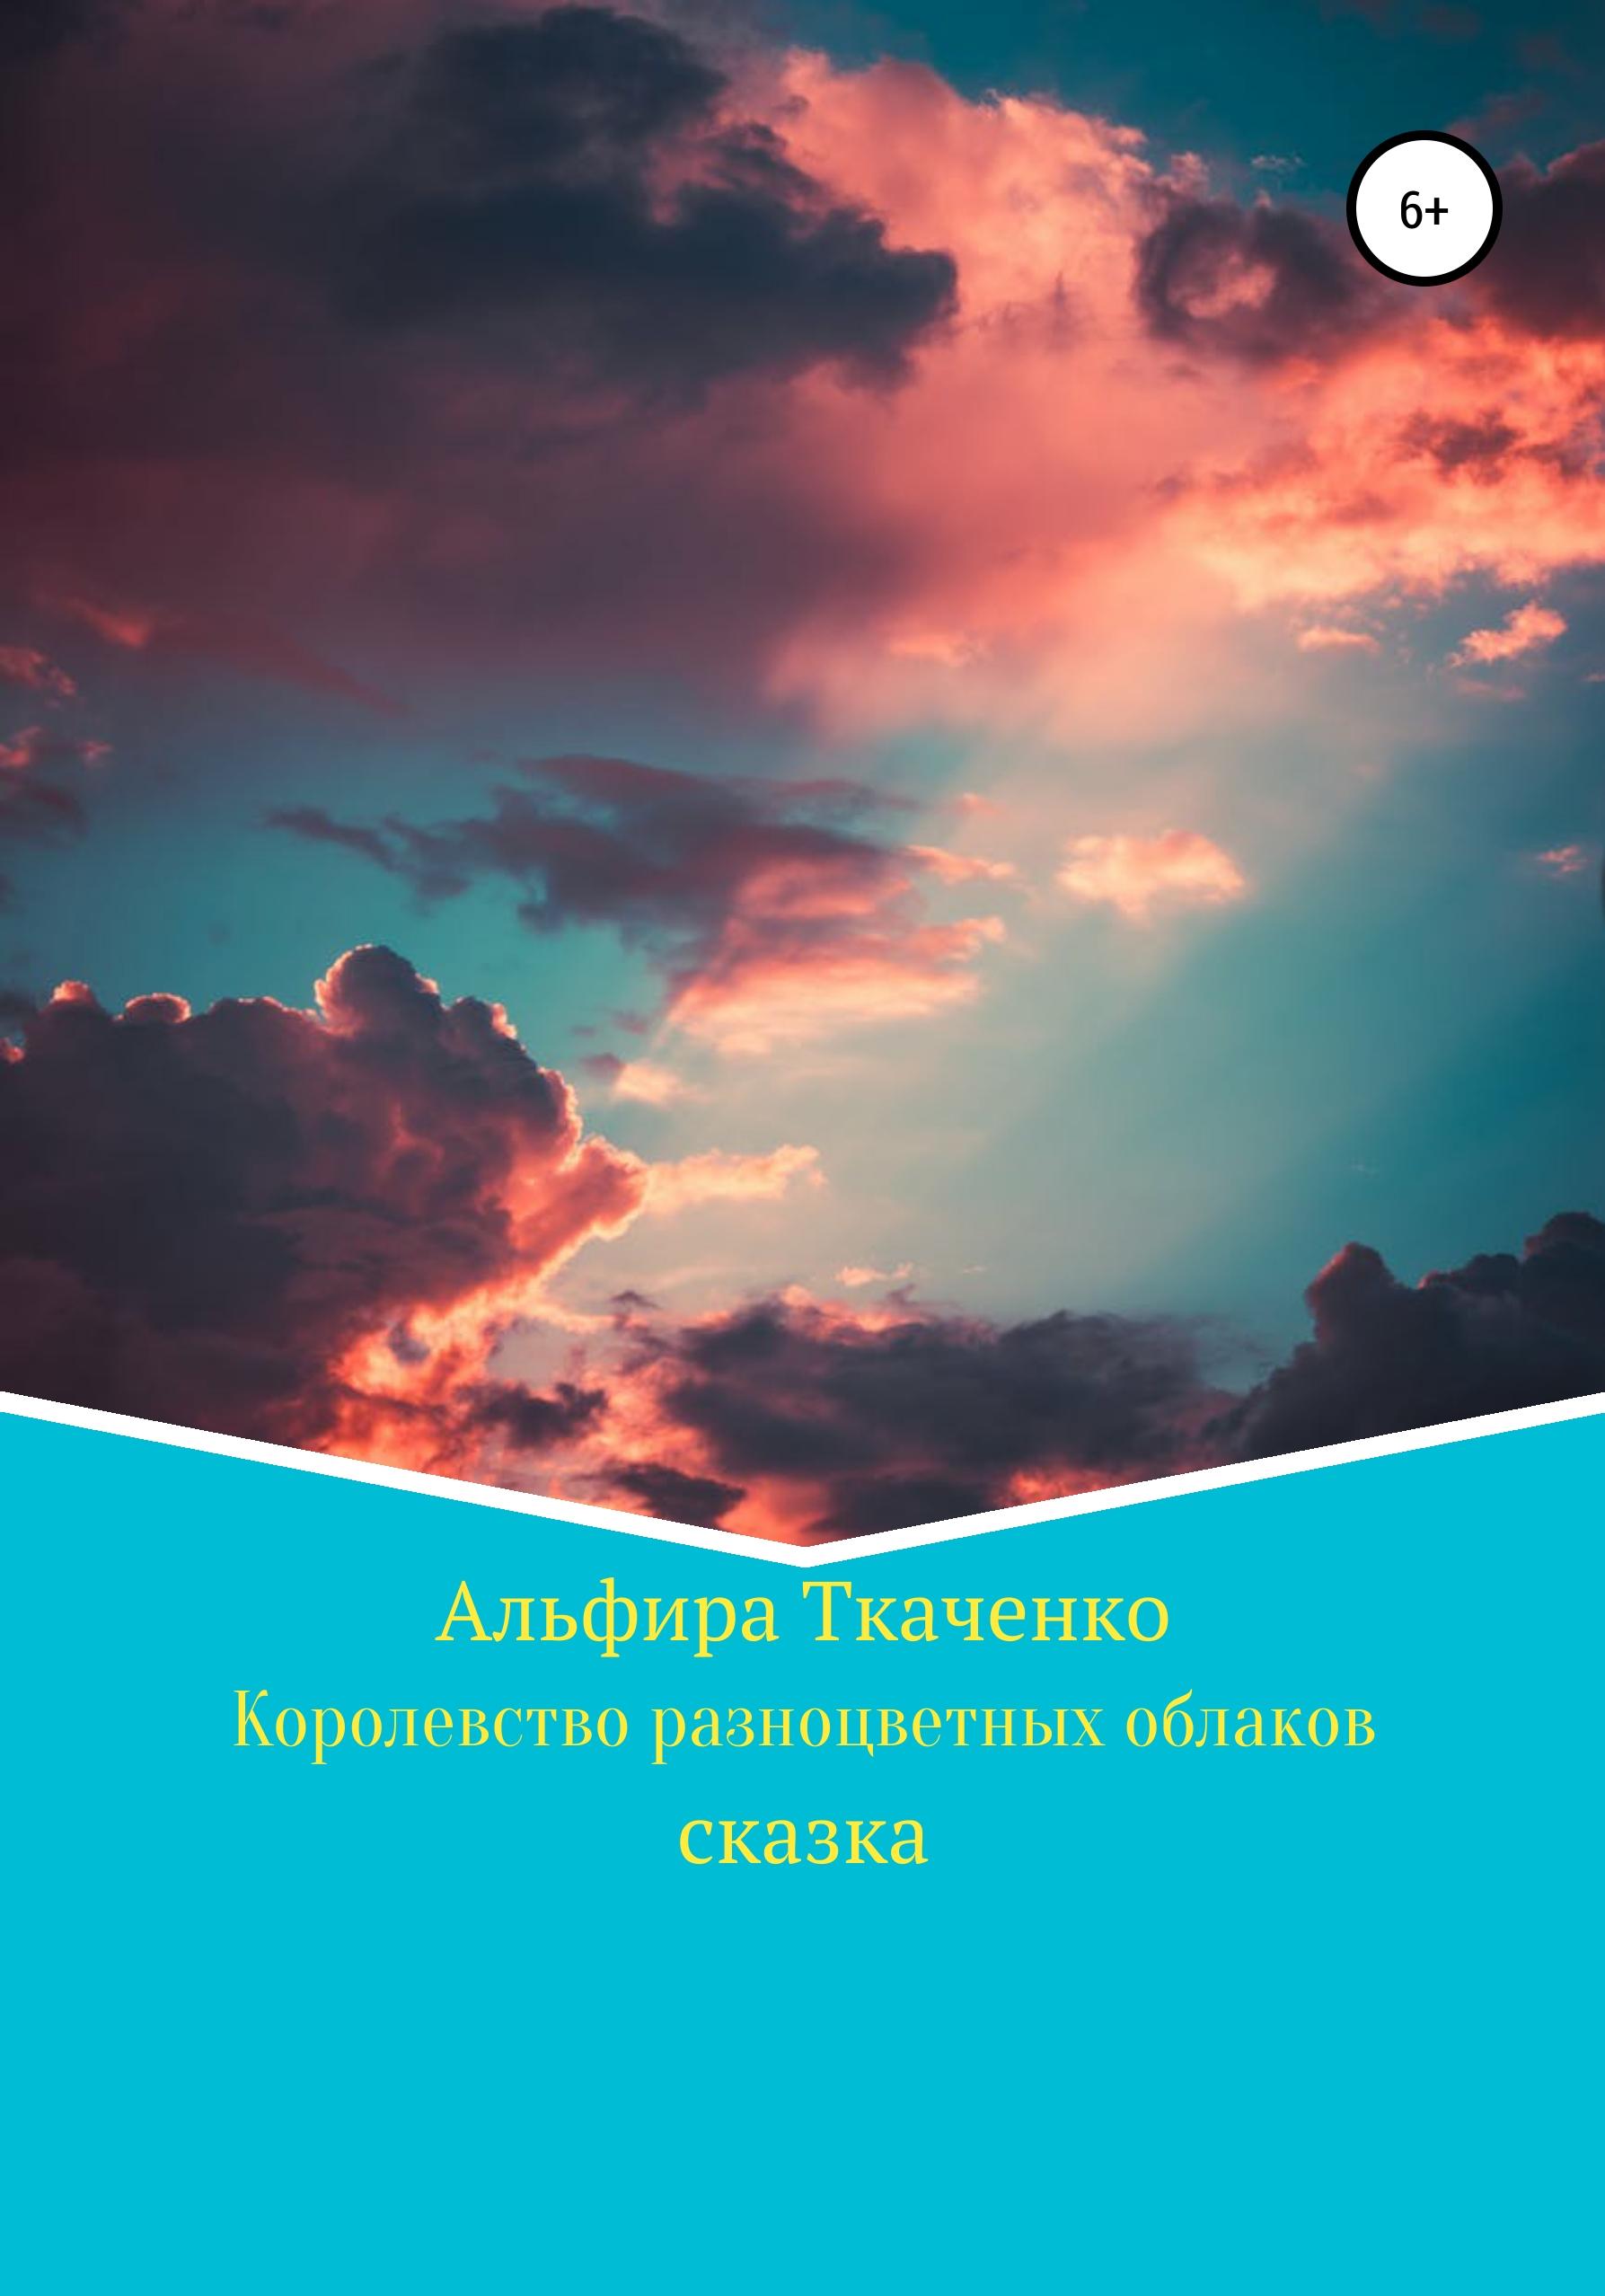 Купить книгу Королевство разноцветных облаков, автора Альфиры Федоровны Ткаченко